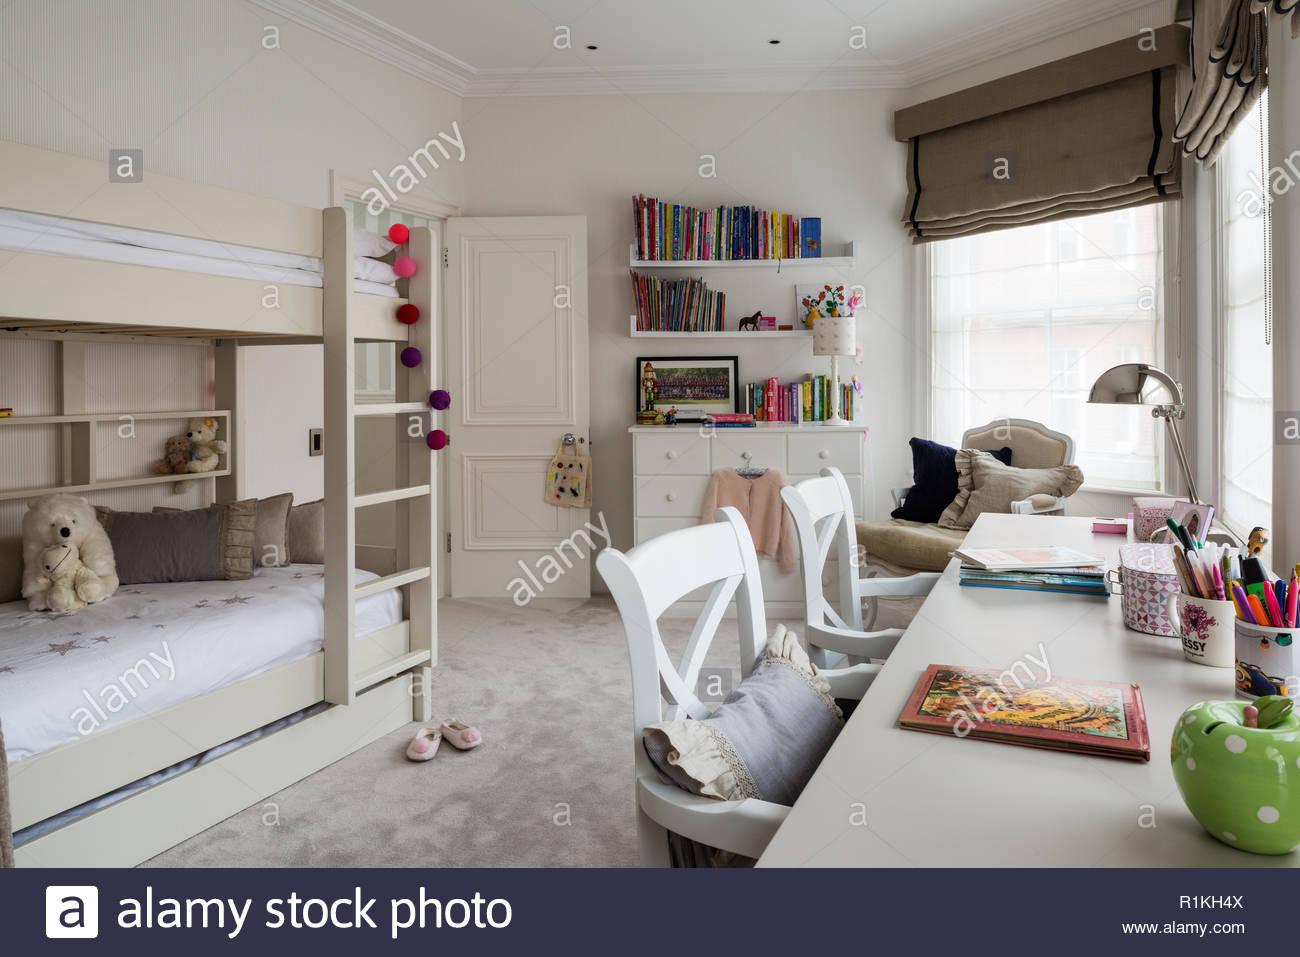 Etagenbetten Für Kinderzimmer : Kinderzimmer abenteuerland etagenbett mit seil und leiter von